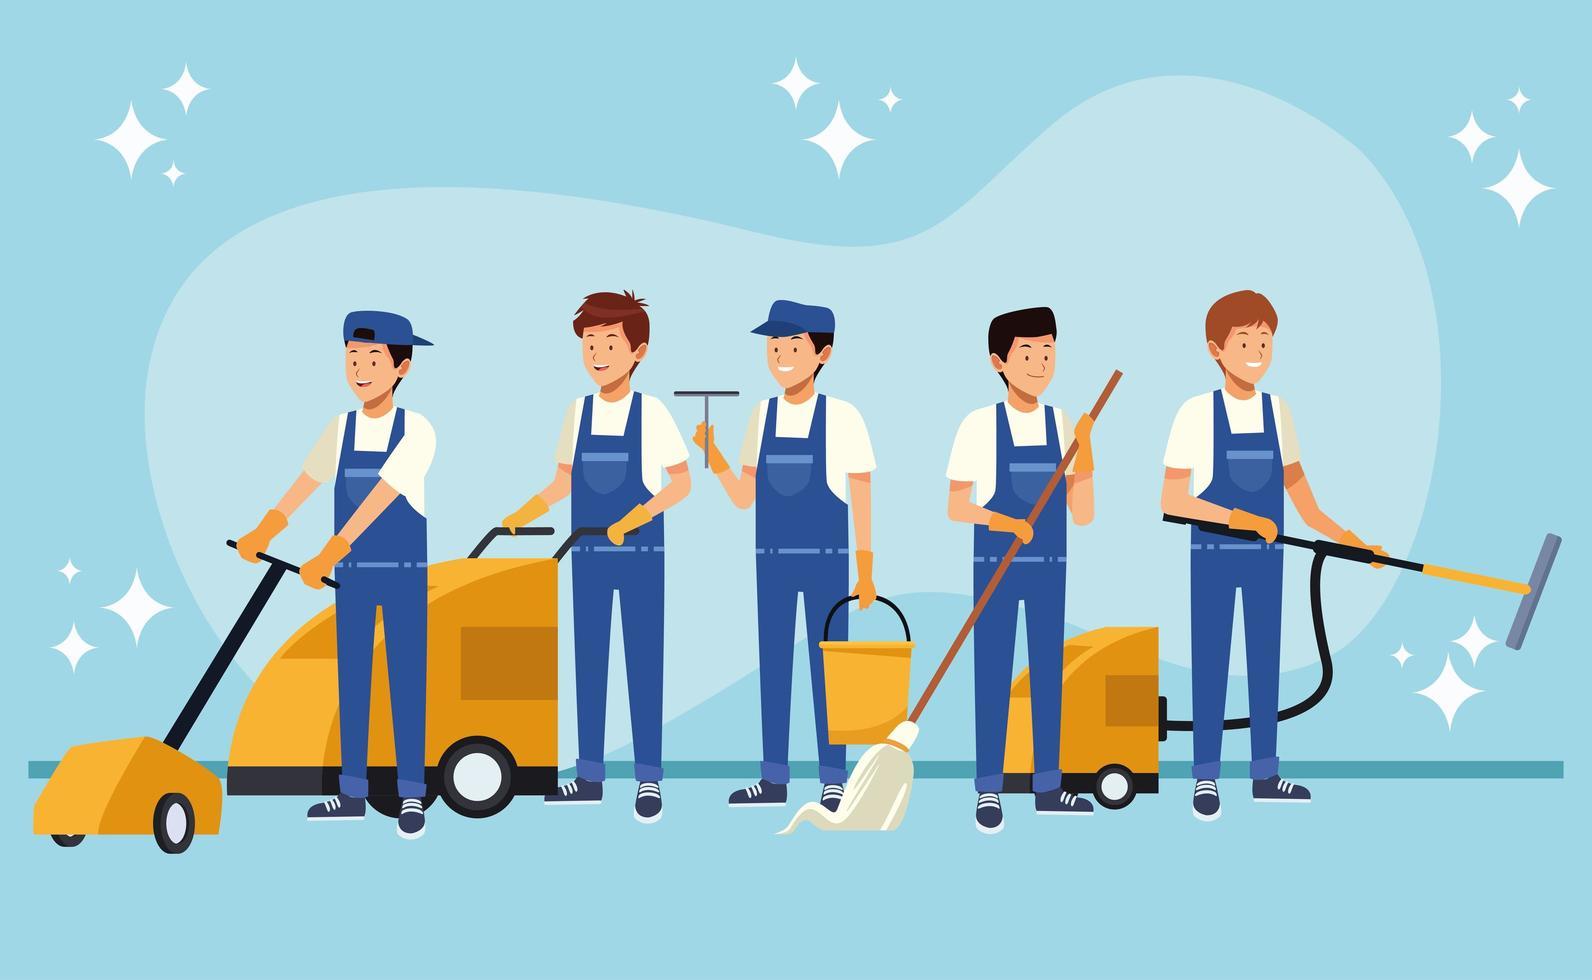 trabalhadores domésticos do sexo masculino com equipamento vetor